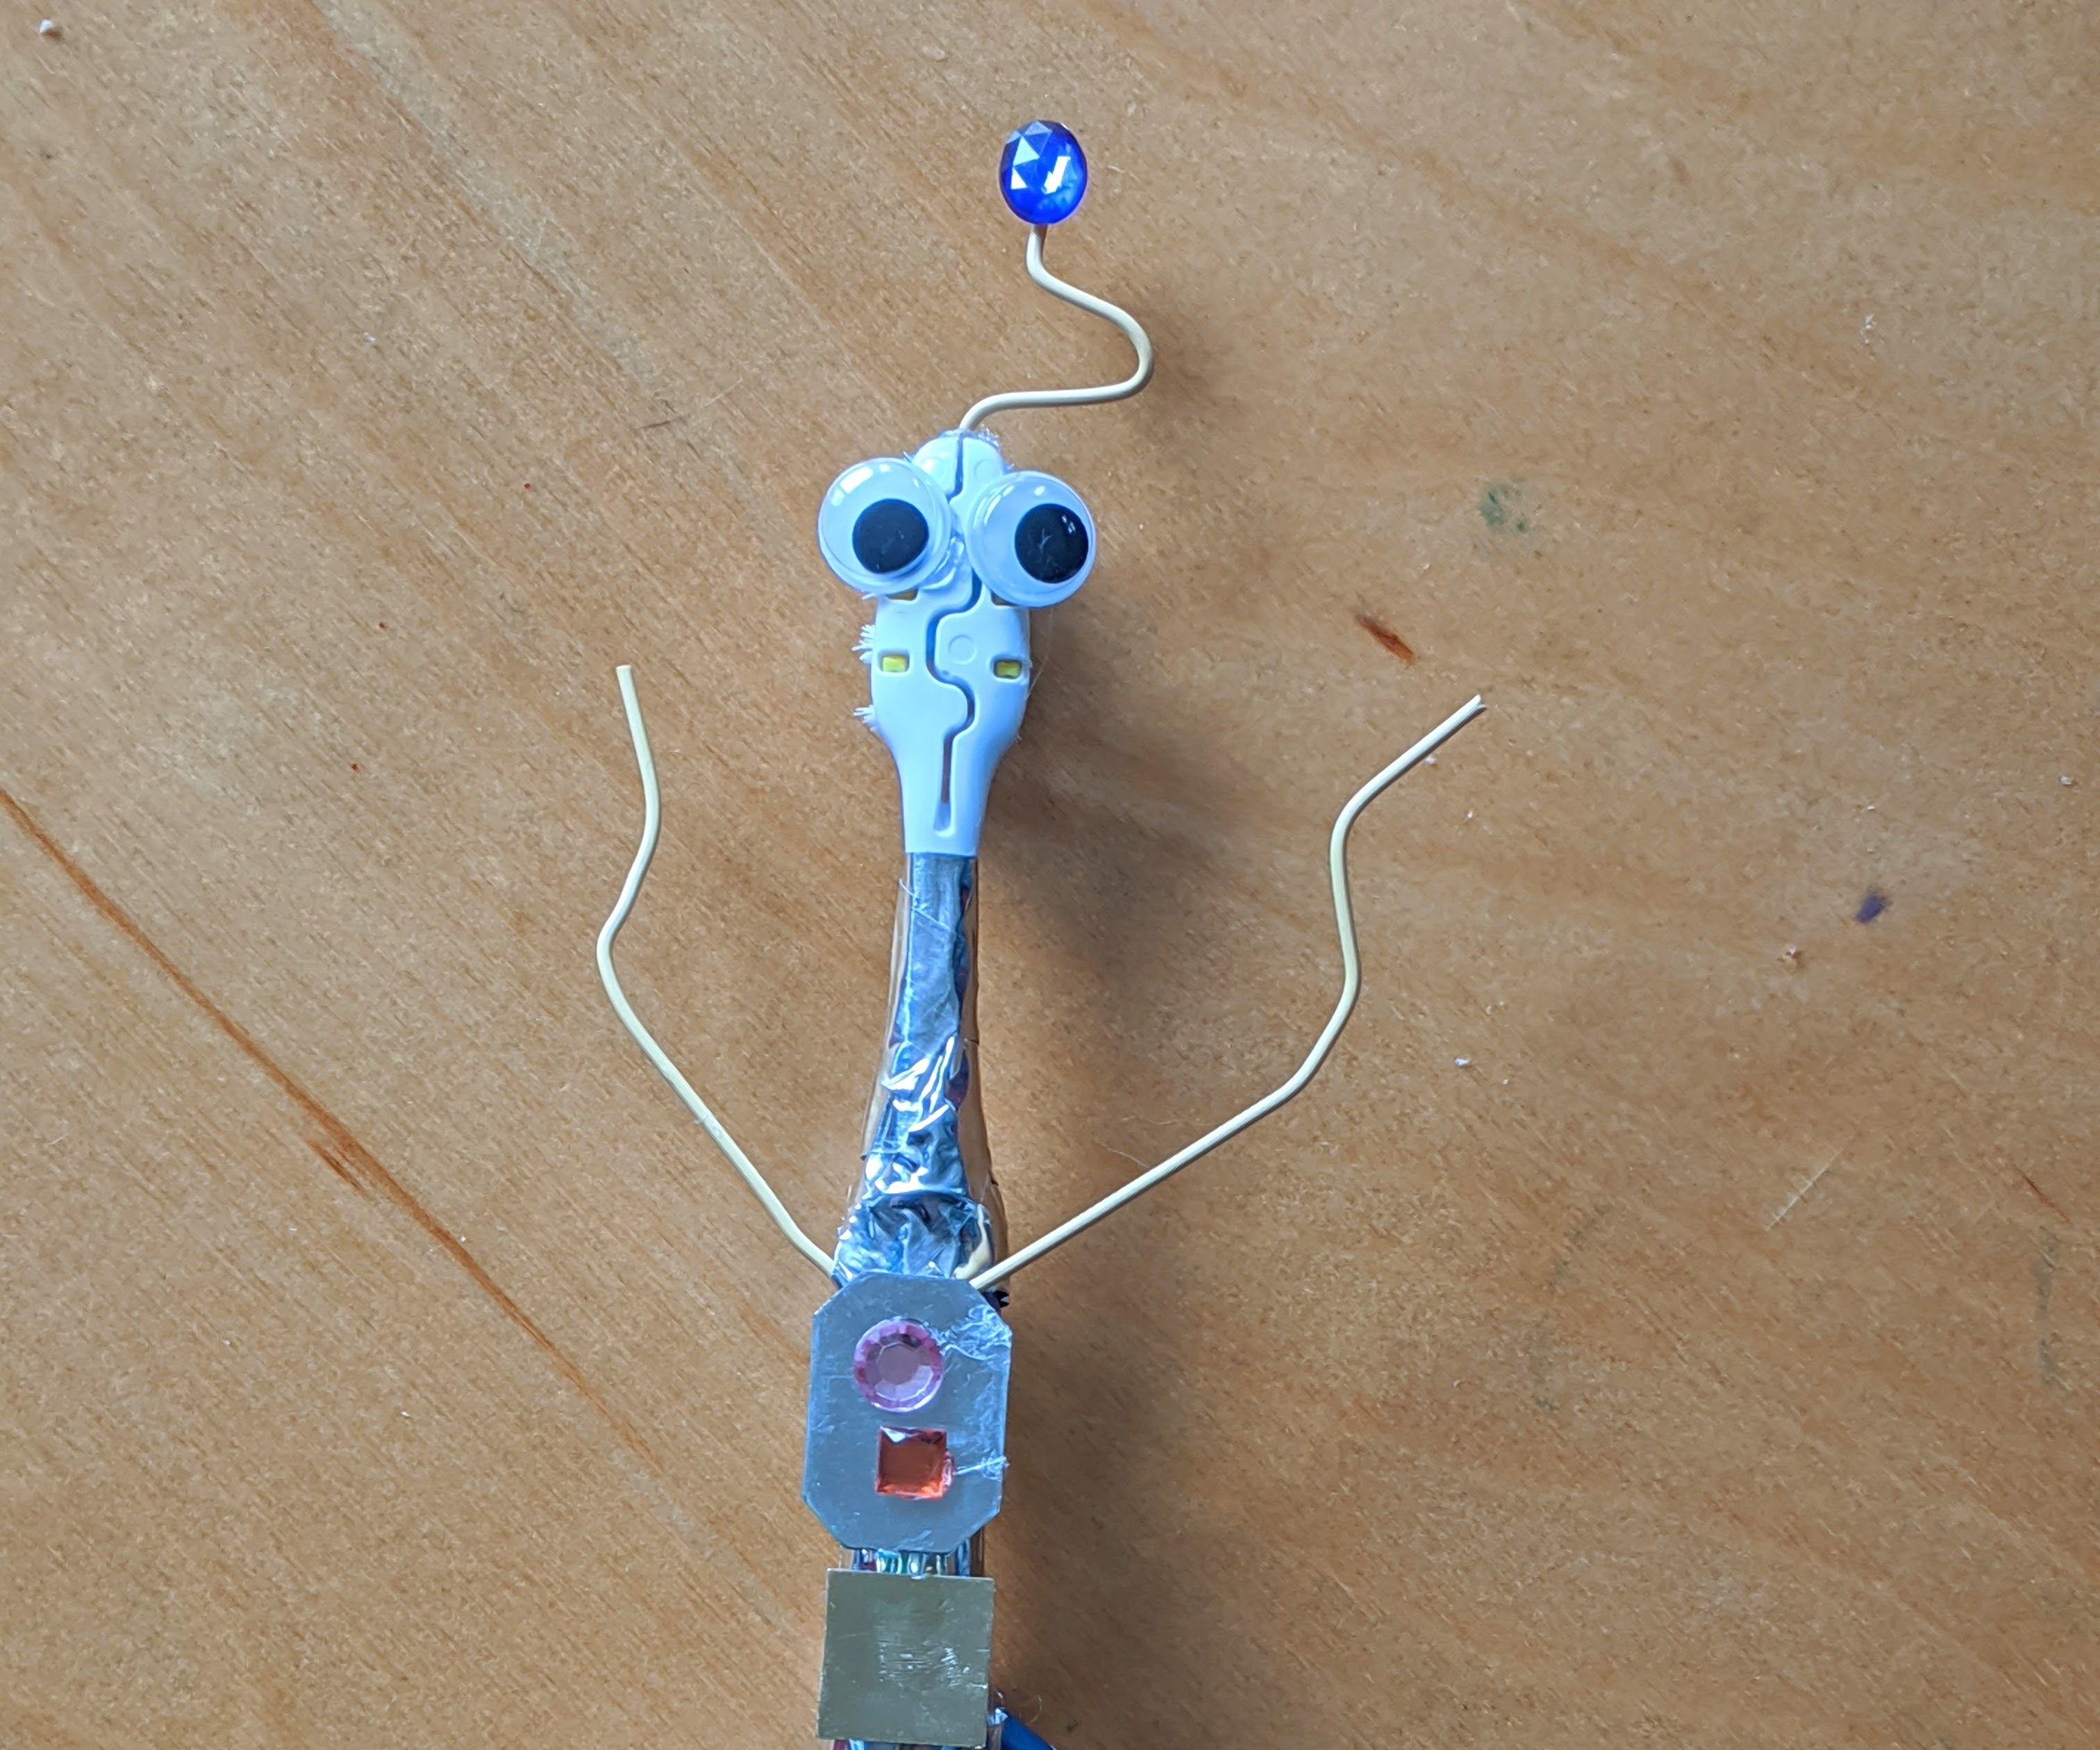 Toothbrush Bot